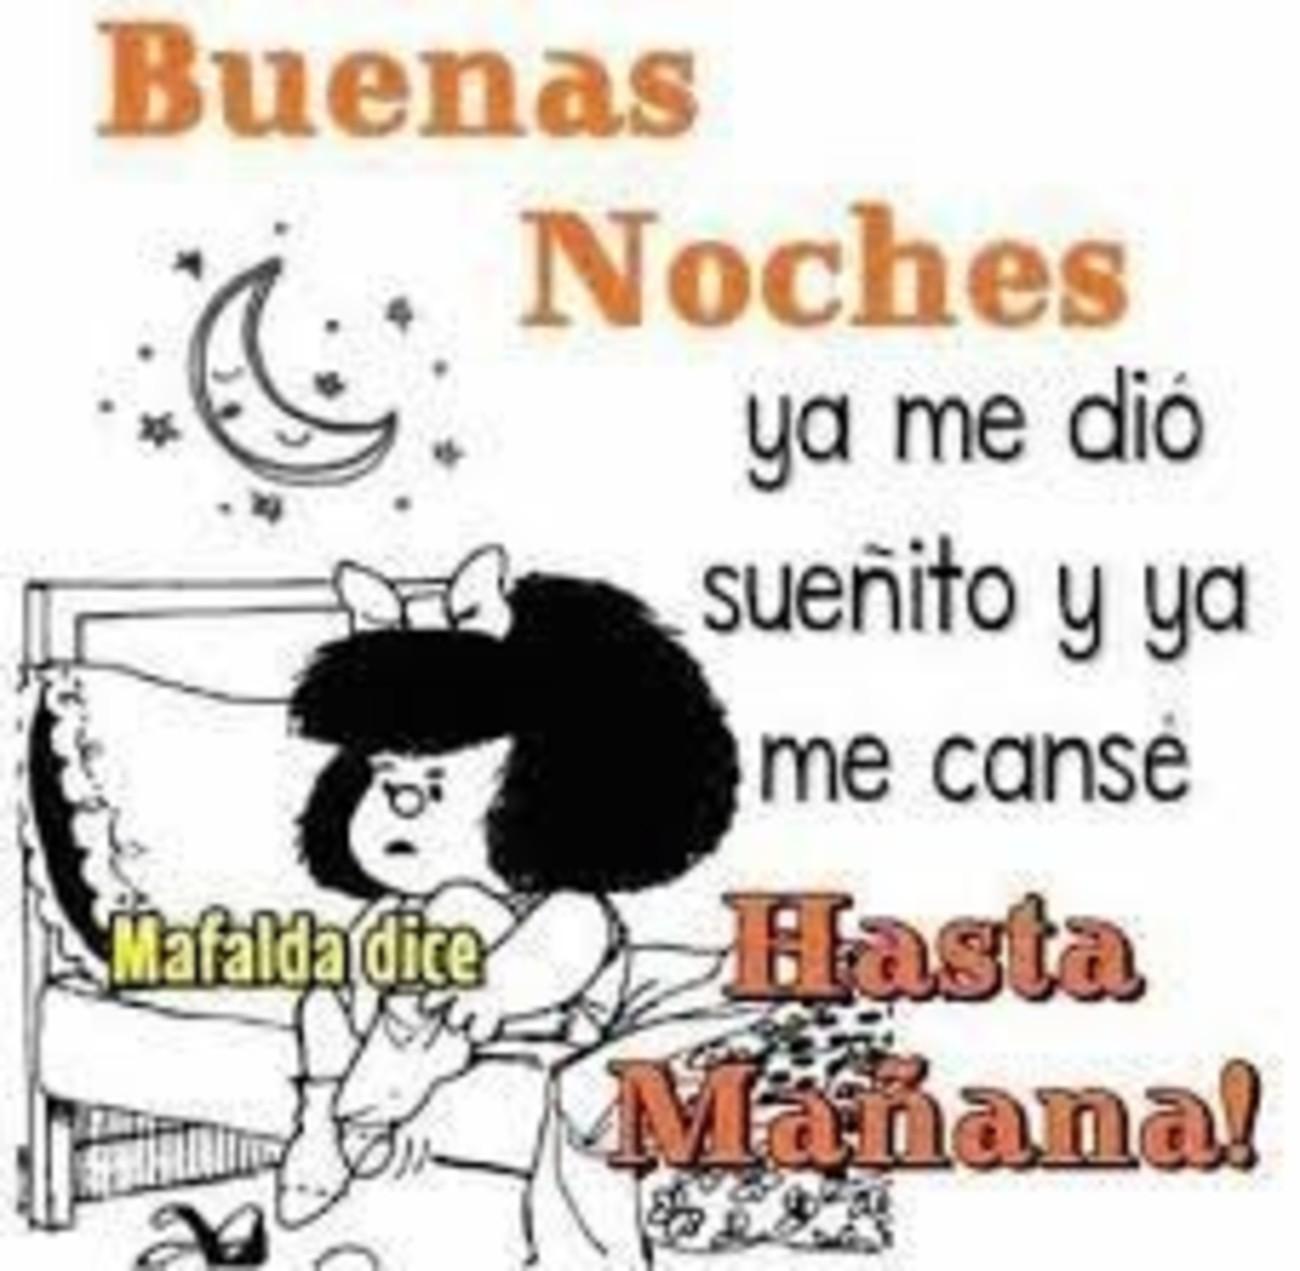 Imagenes De Buenas Noches Frases Bonitas 975